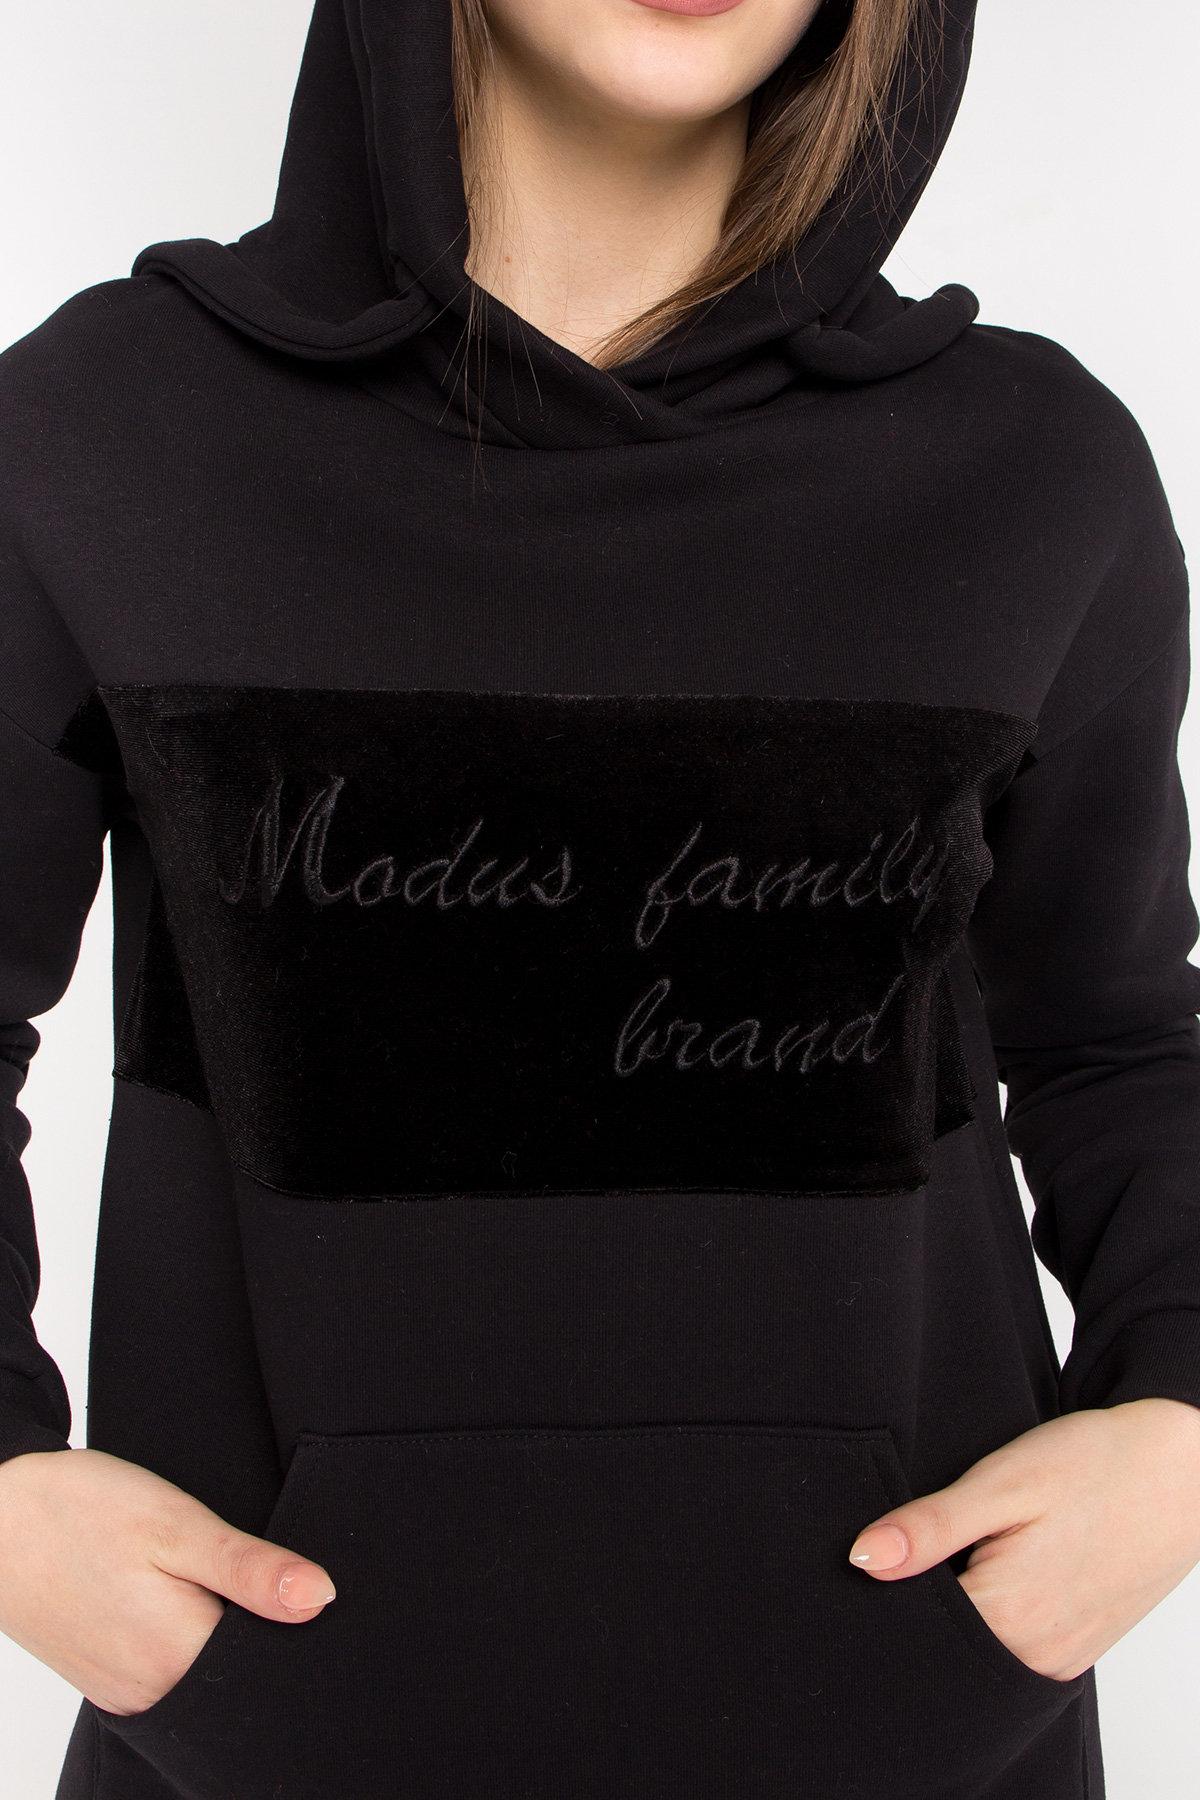 Платье худи Томми 8703 АРТ. 45099 Цвет: Черный/черный - фото 4, интернет магазин tm-modus.ru